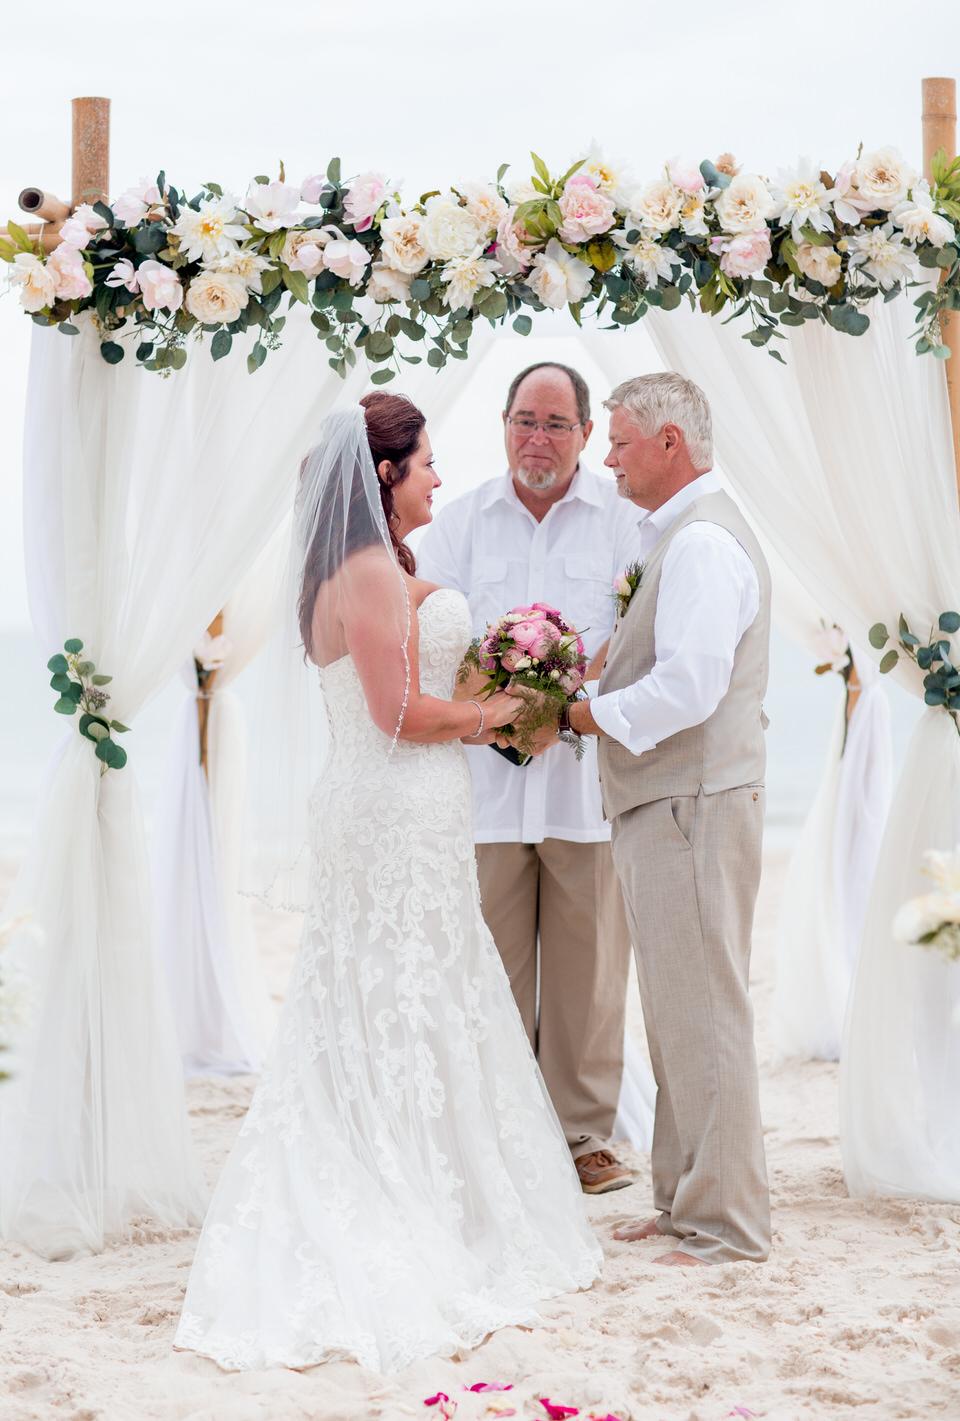 wedding oficiant